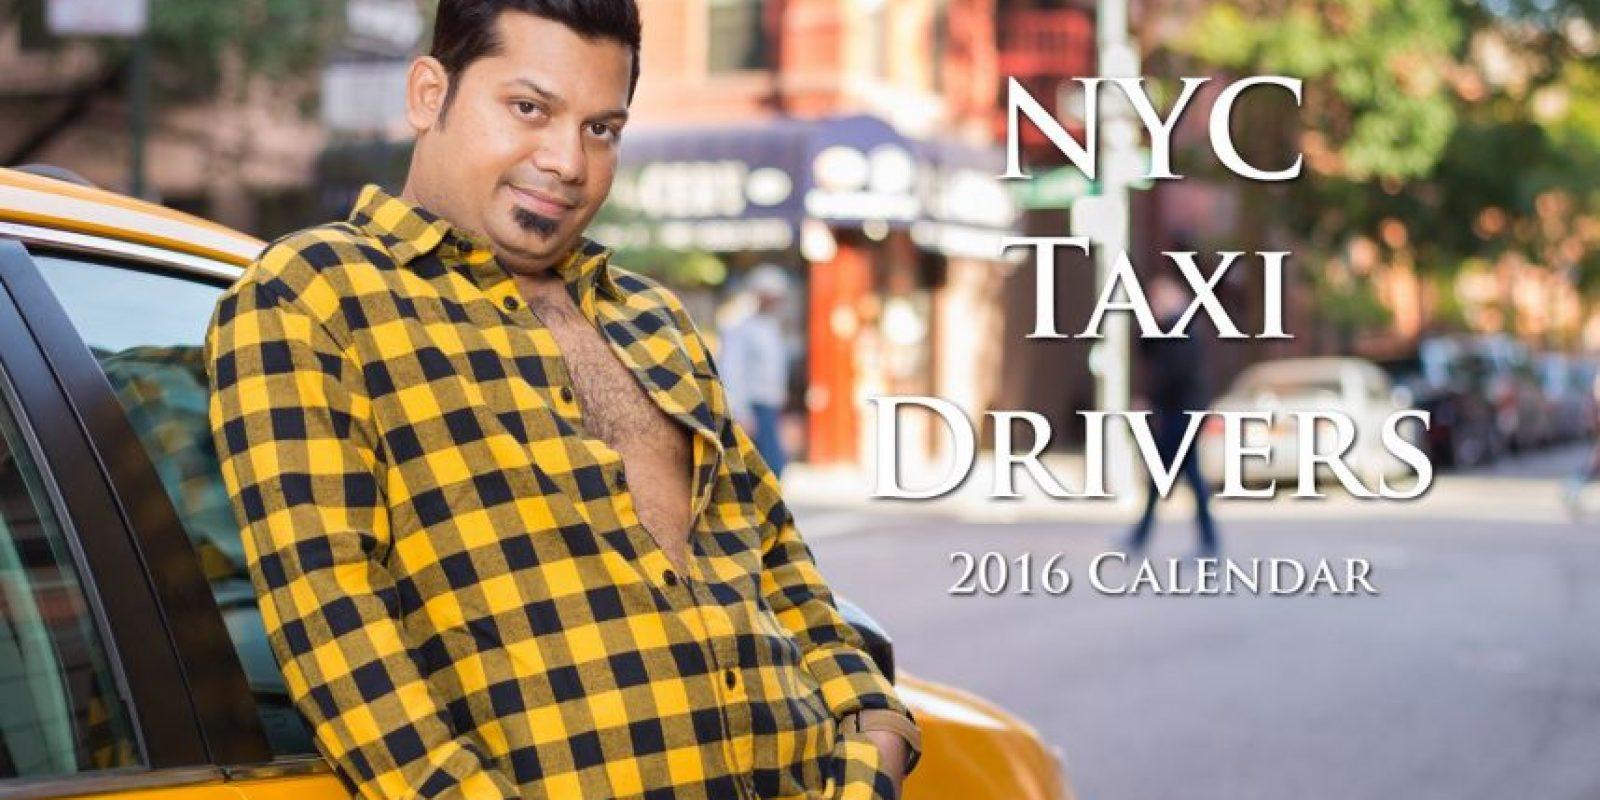 Otros calendarios singulares: Doce conductores de taxi modelaron para este divertido calendario. Foto:Vía nyctaxicalendar.com